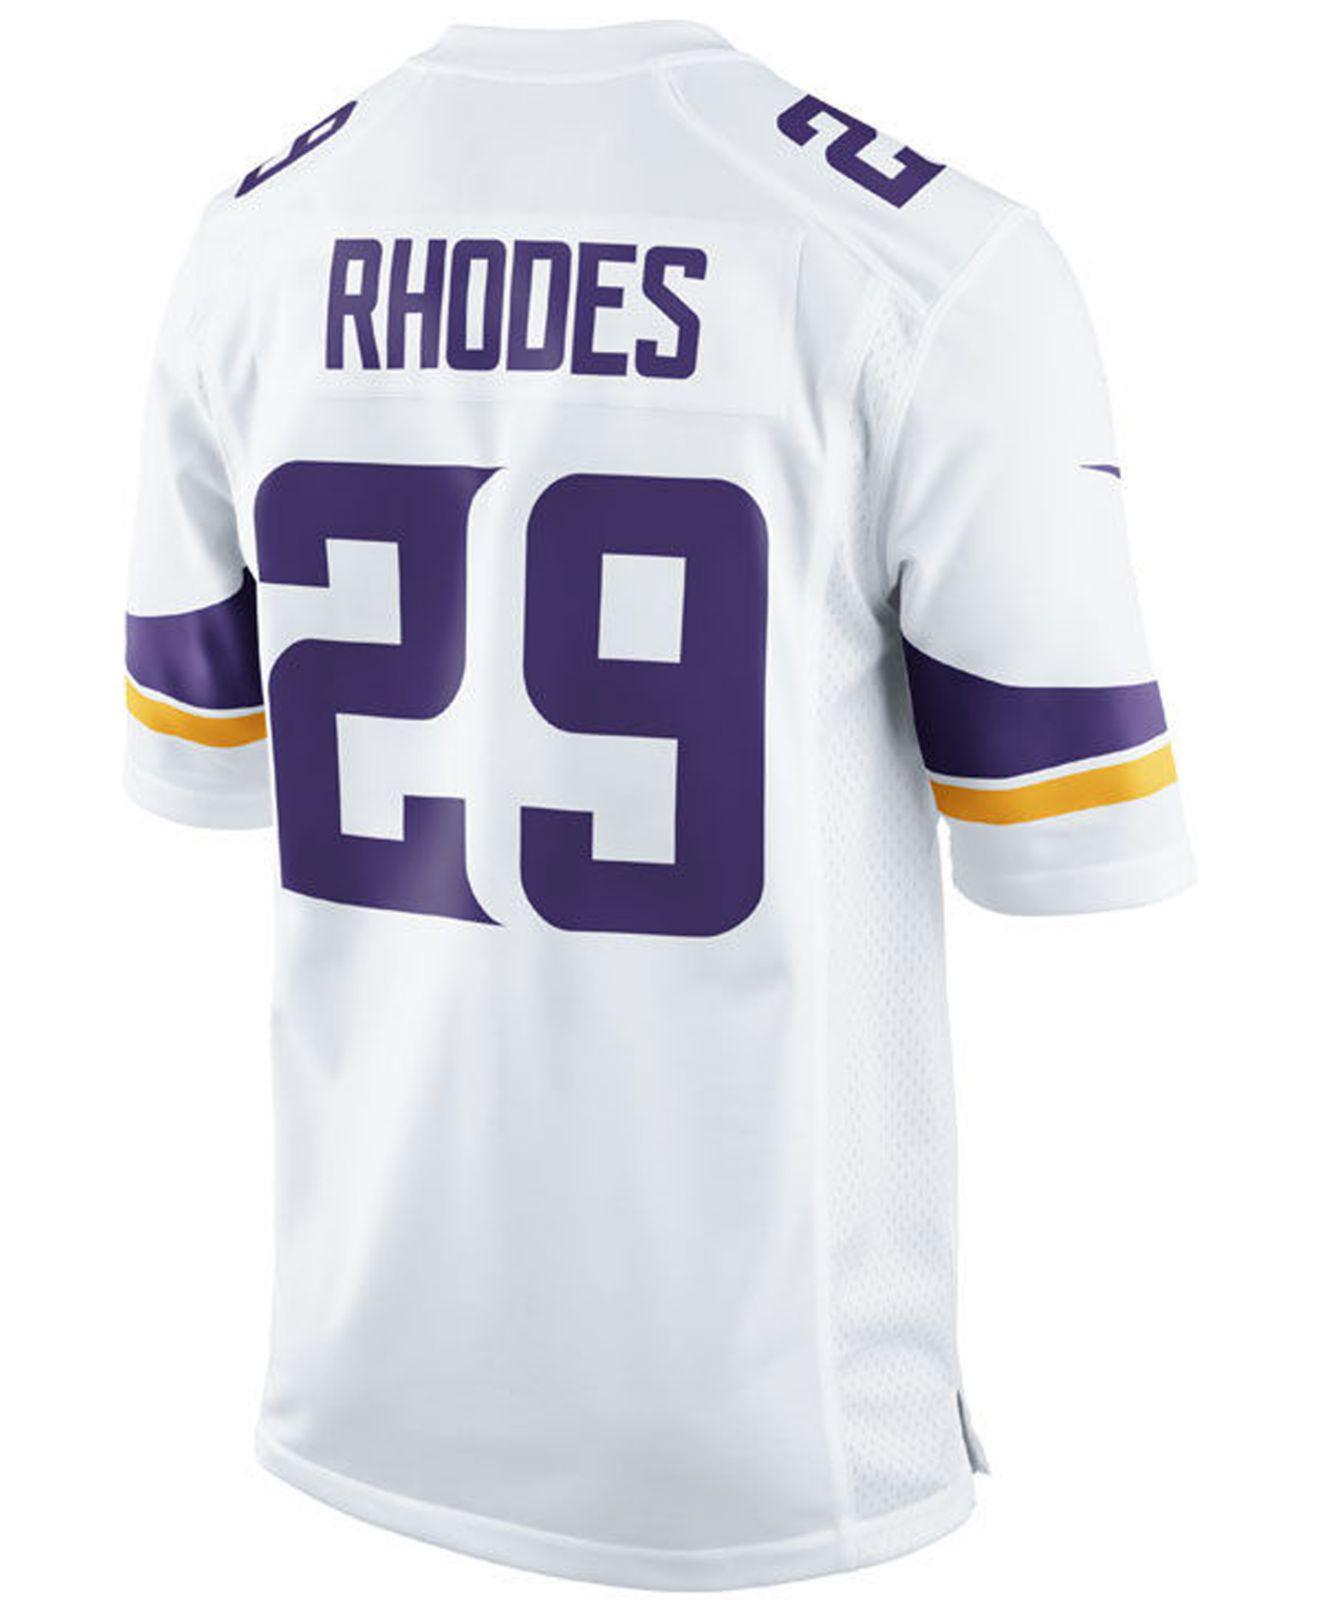 bde3647aa Lyst - Nike Xavier Rhodes Minnesota Vikings Game Jersey in White for Men